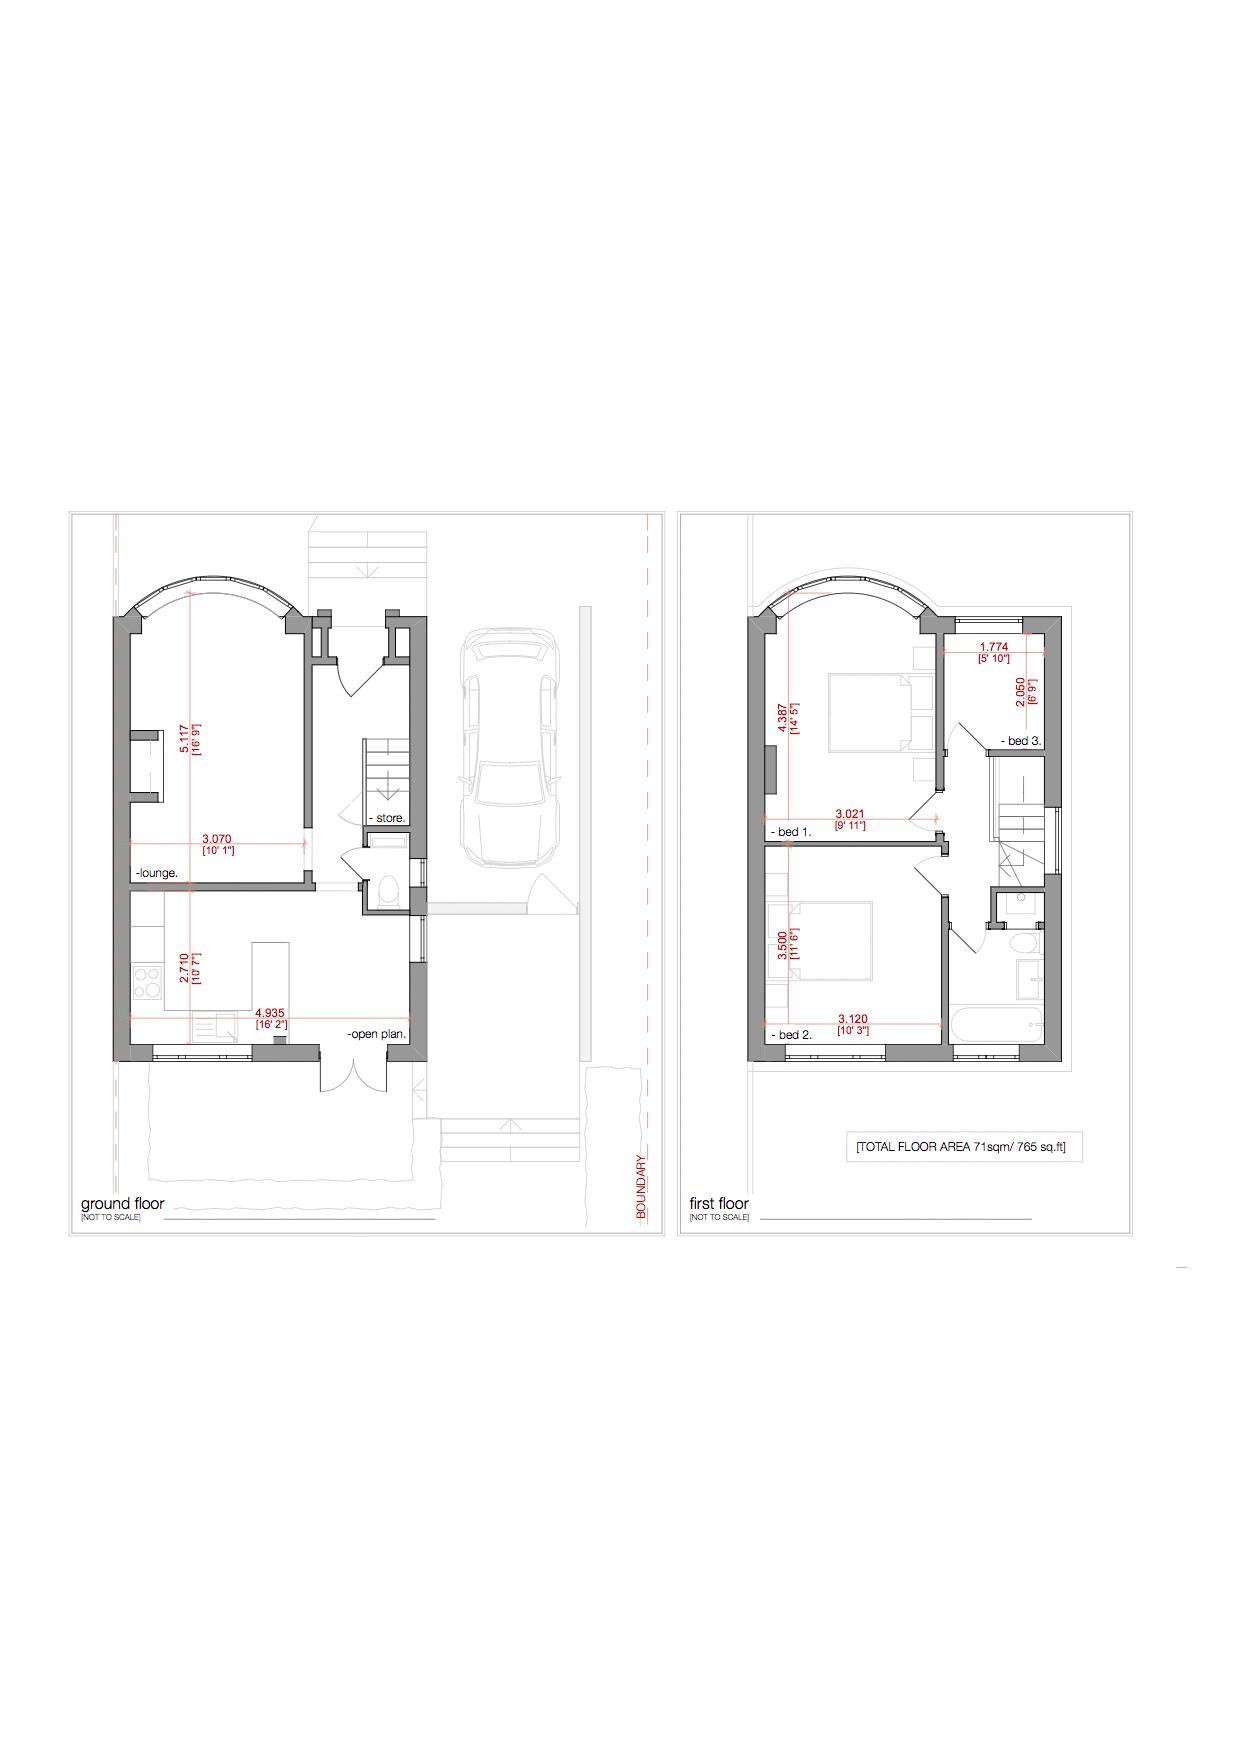 Eden Road, Solihull. Floorplan. Floorplan.